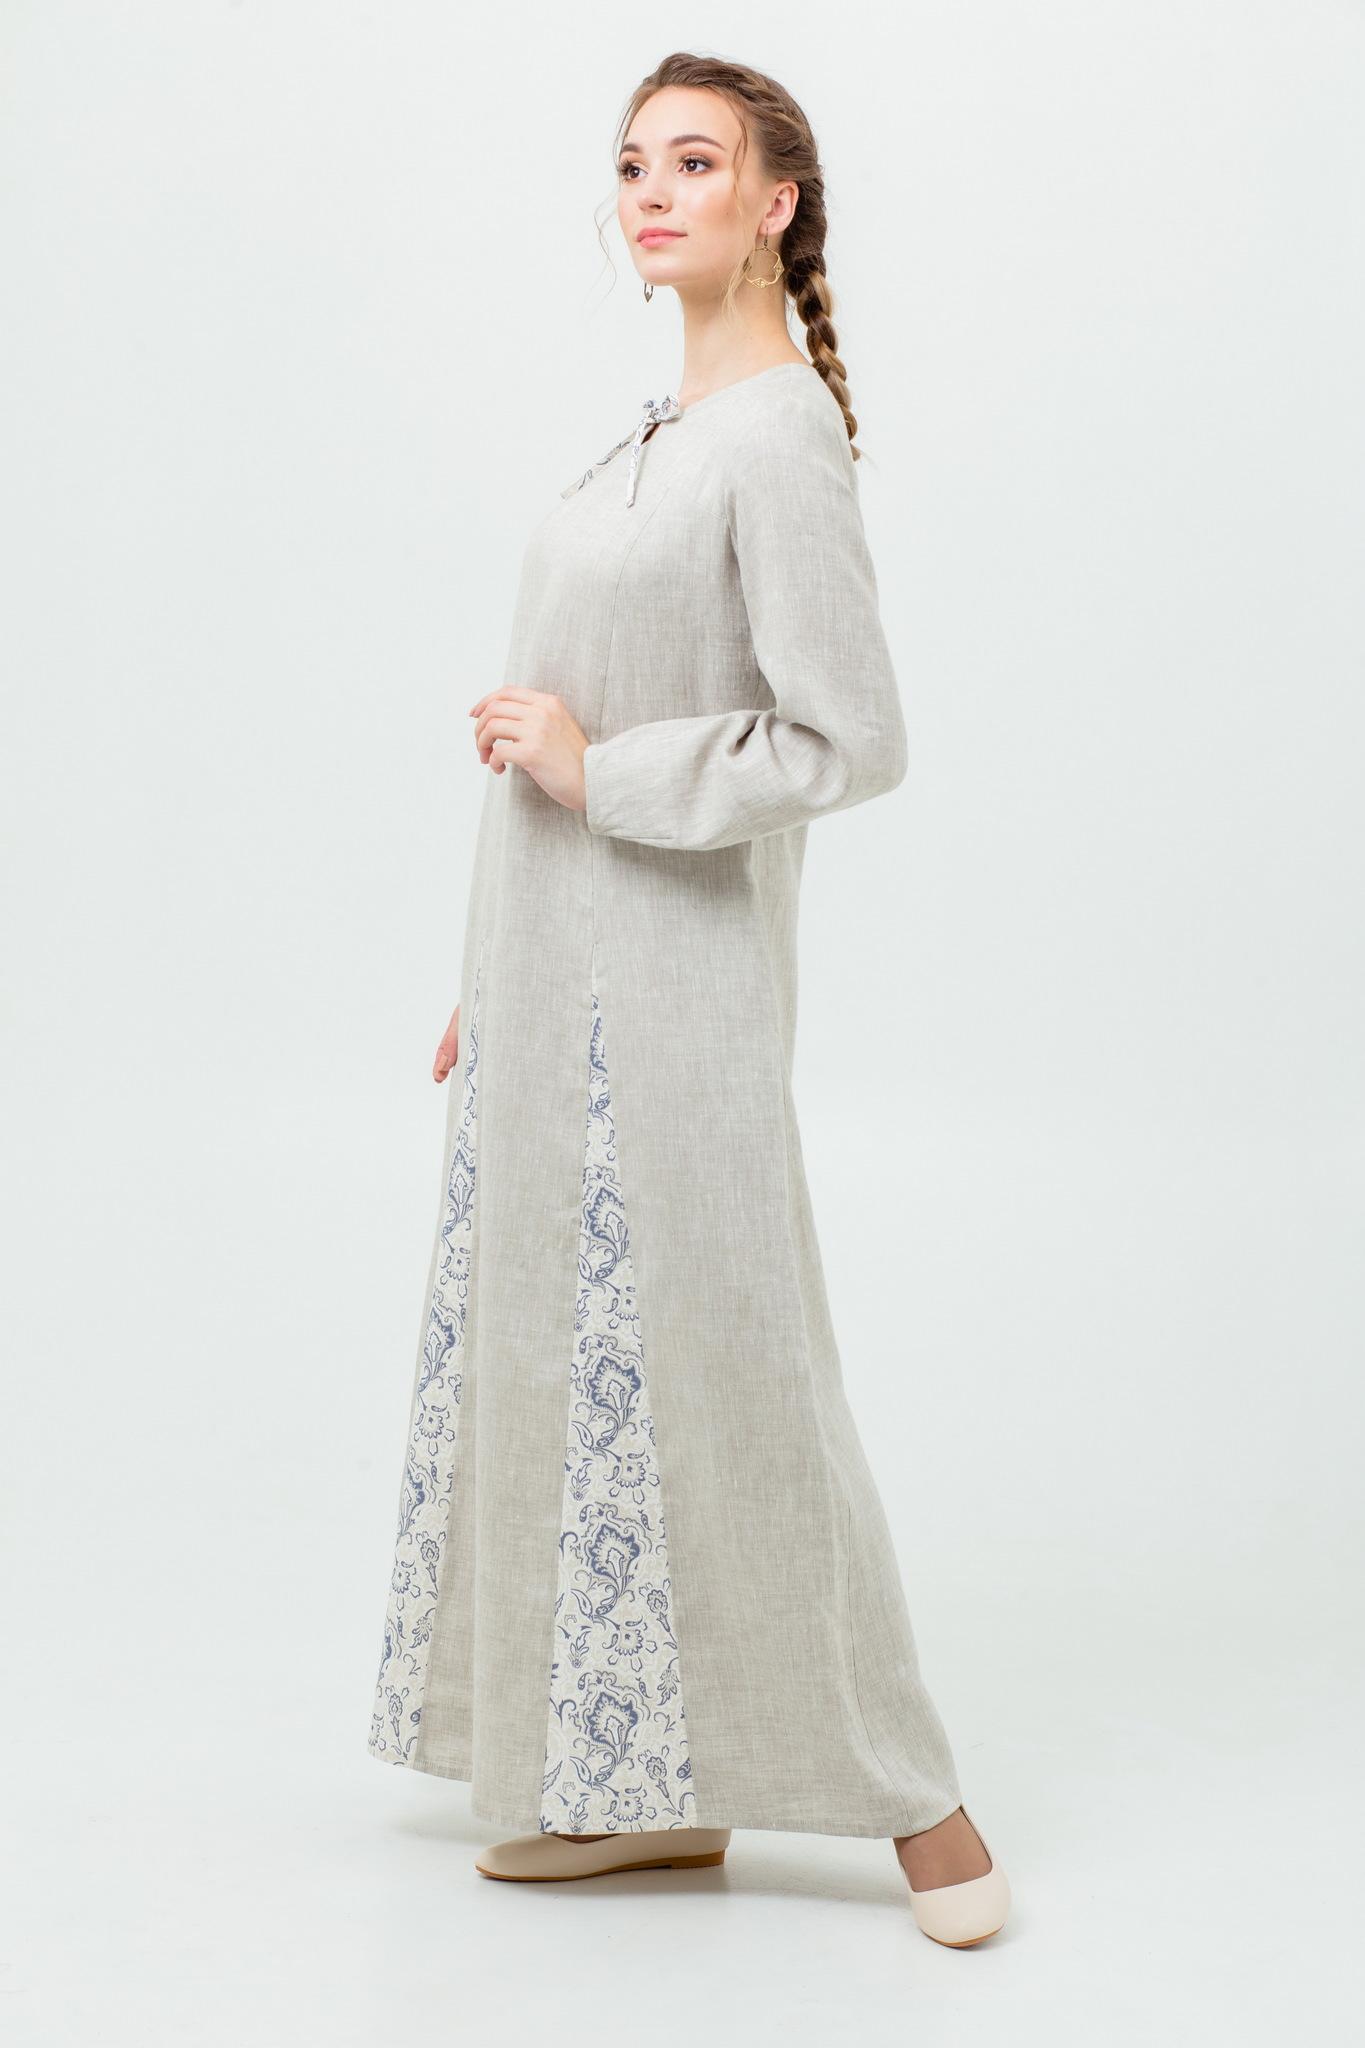 Льняное славянское платье на праздник Сливочный щербет